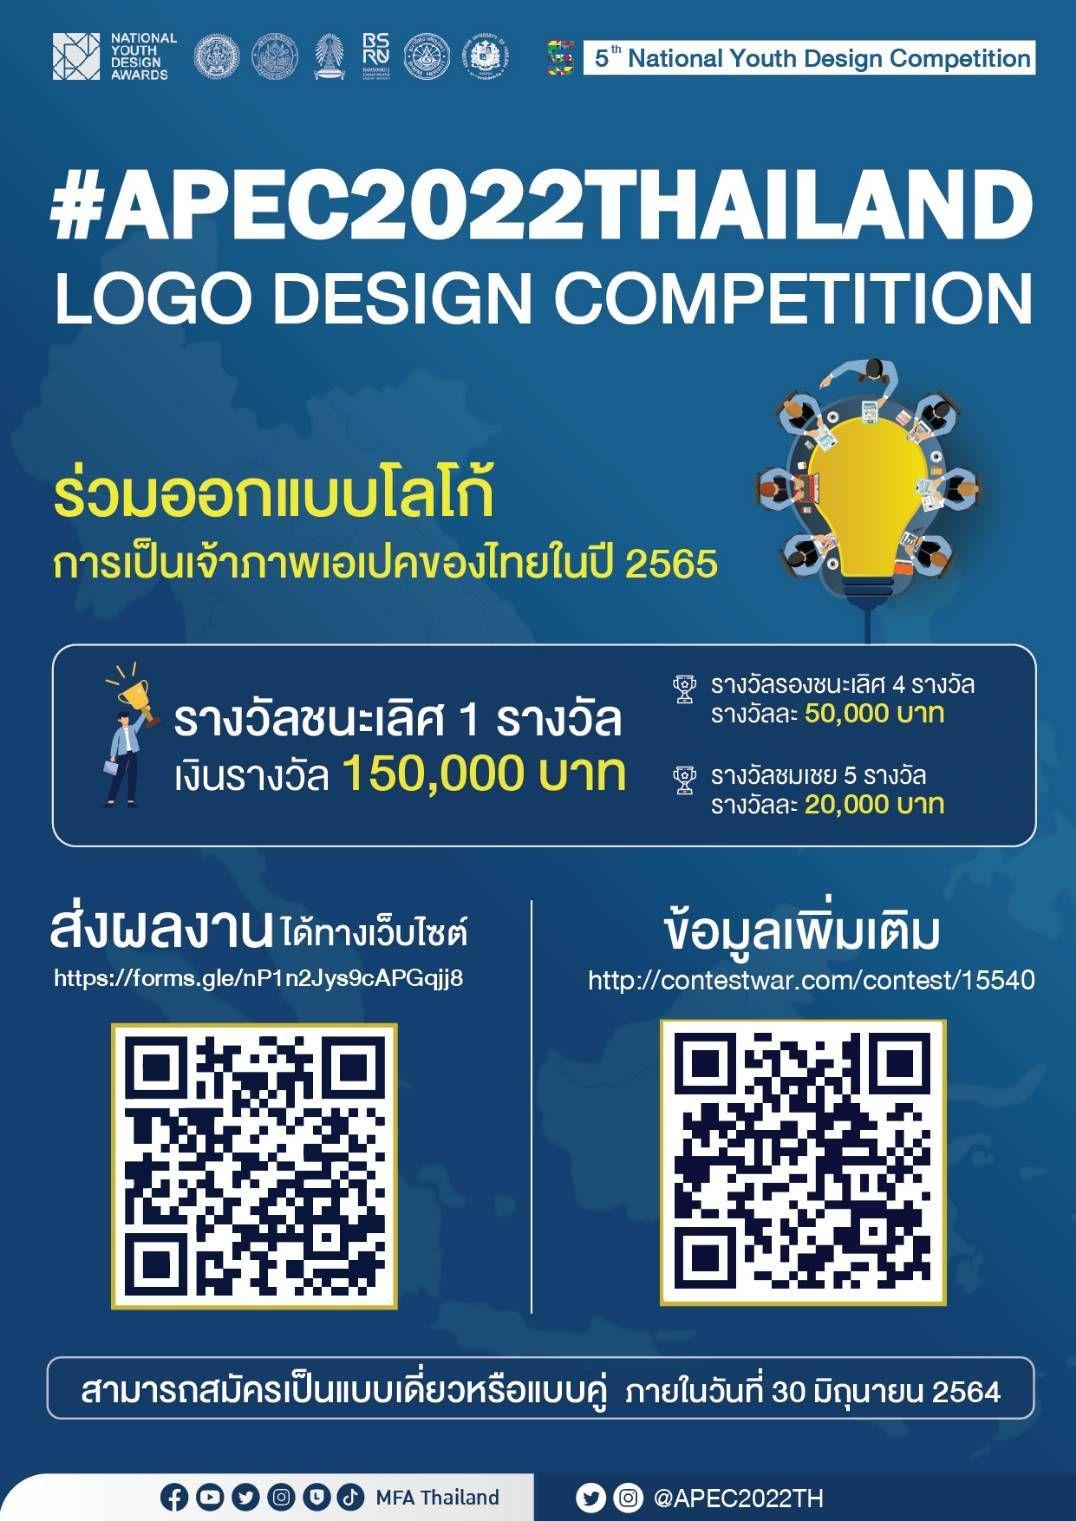 ร่วมออกแบบโลโก้ การเป็นเจ้าภาพเอเปคของไทยในปี 2565